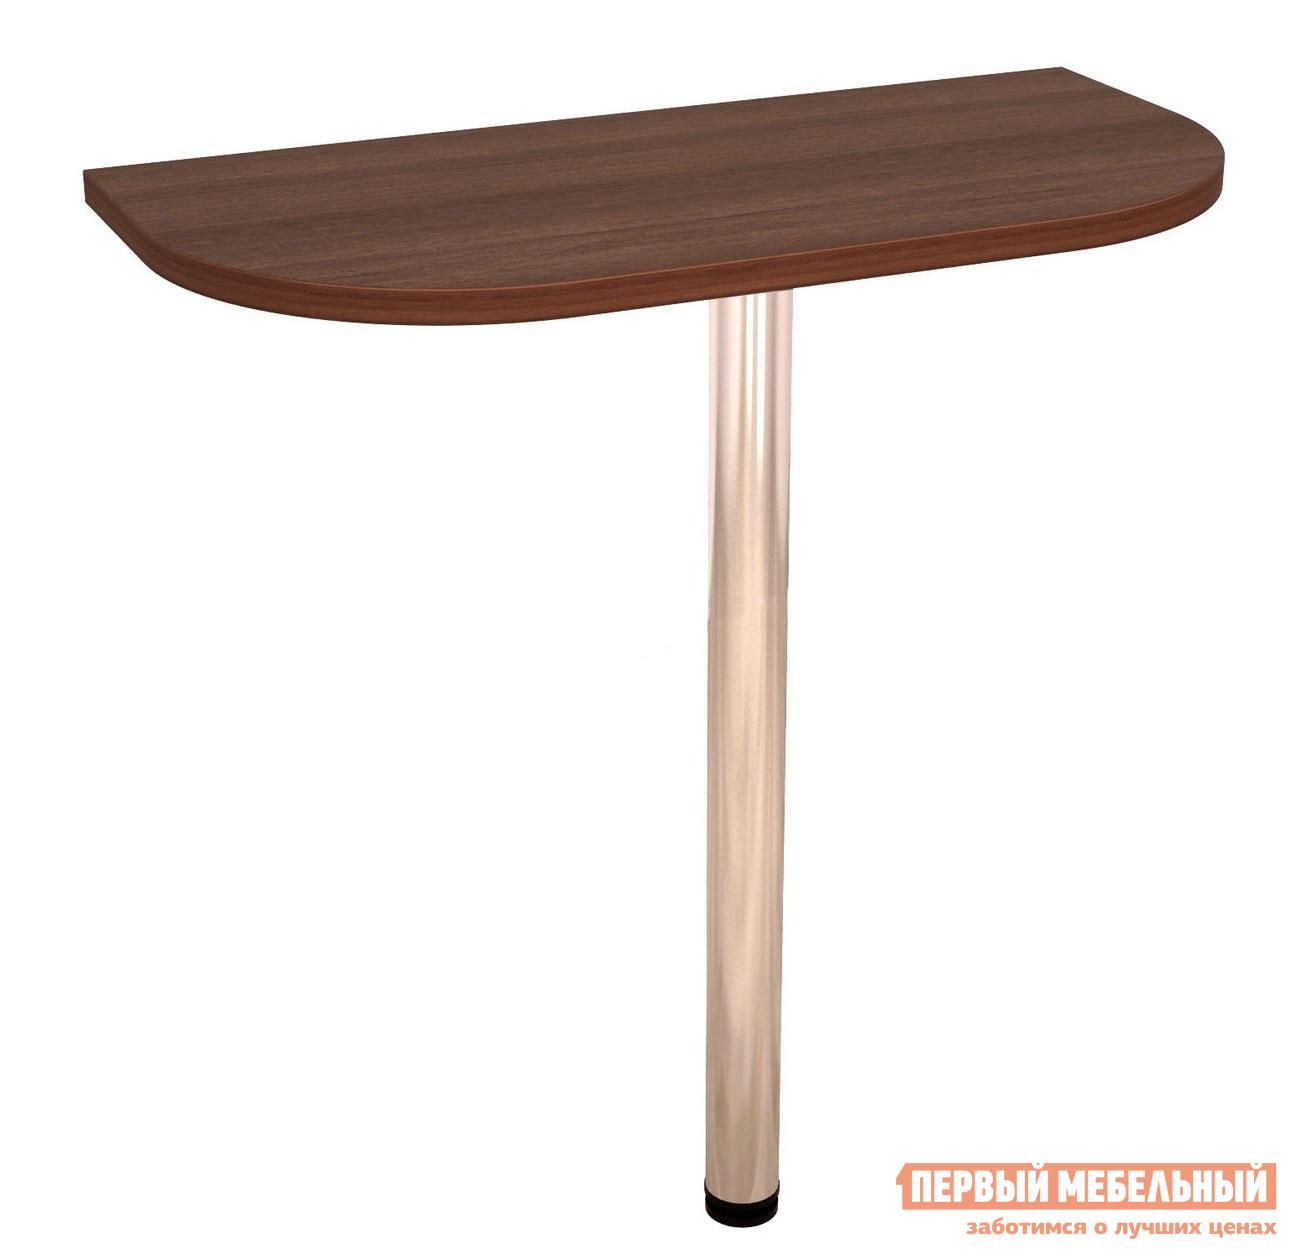 Стол-приставка Витра 61(62).28 письменный стол витра 61 62 19